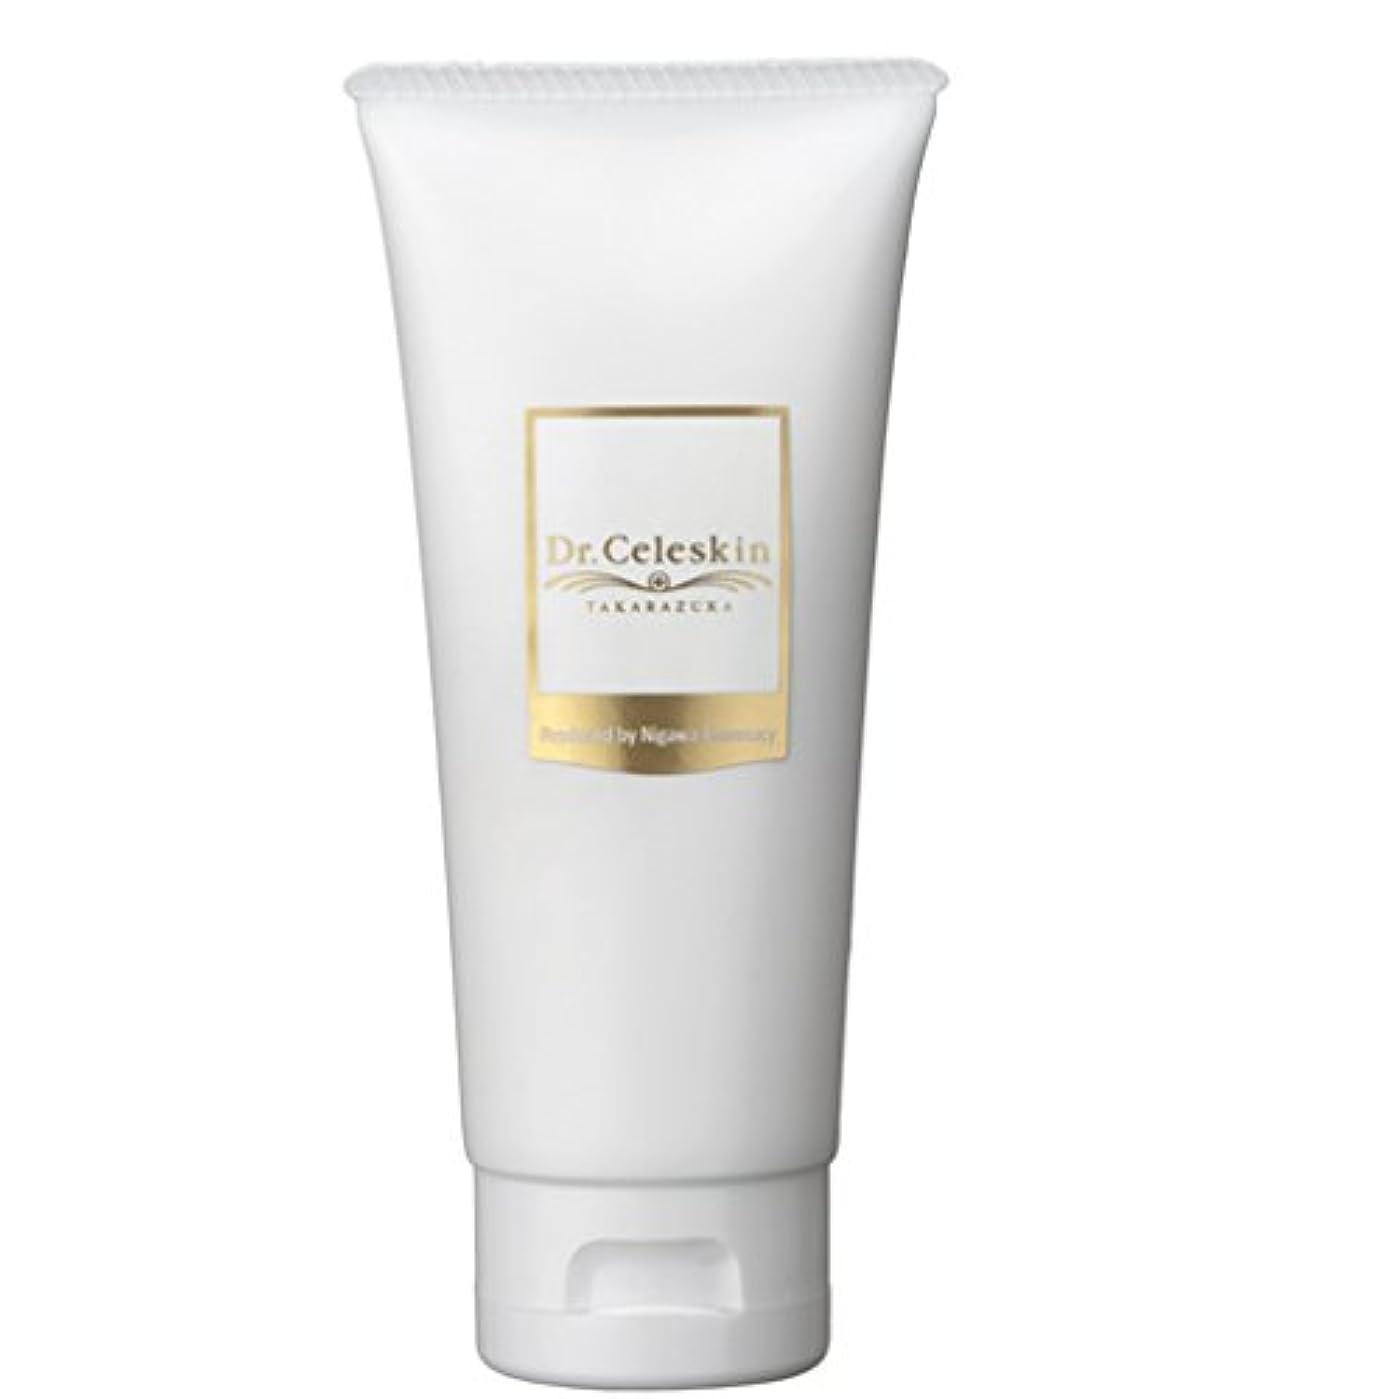 呼吸するすずめいつも洗顔フォームS(ビタミンC誘導体VCIP(抗酸化剤)配合) 100g (1本)